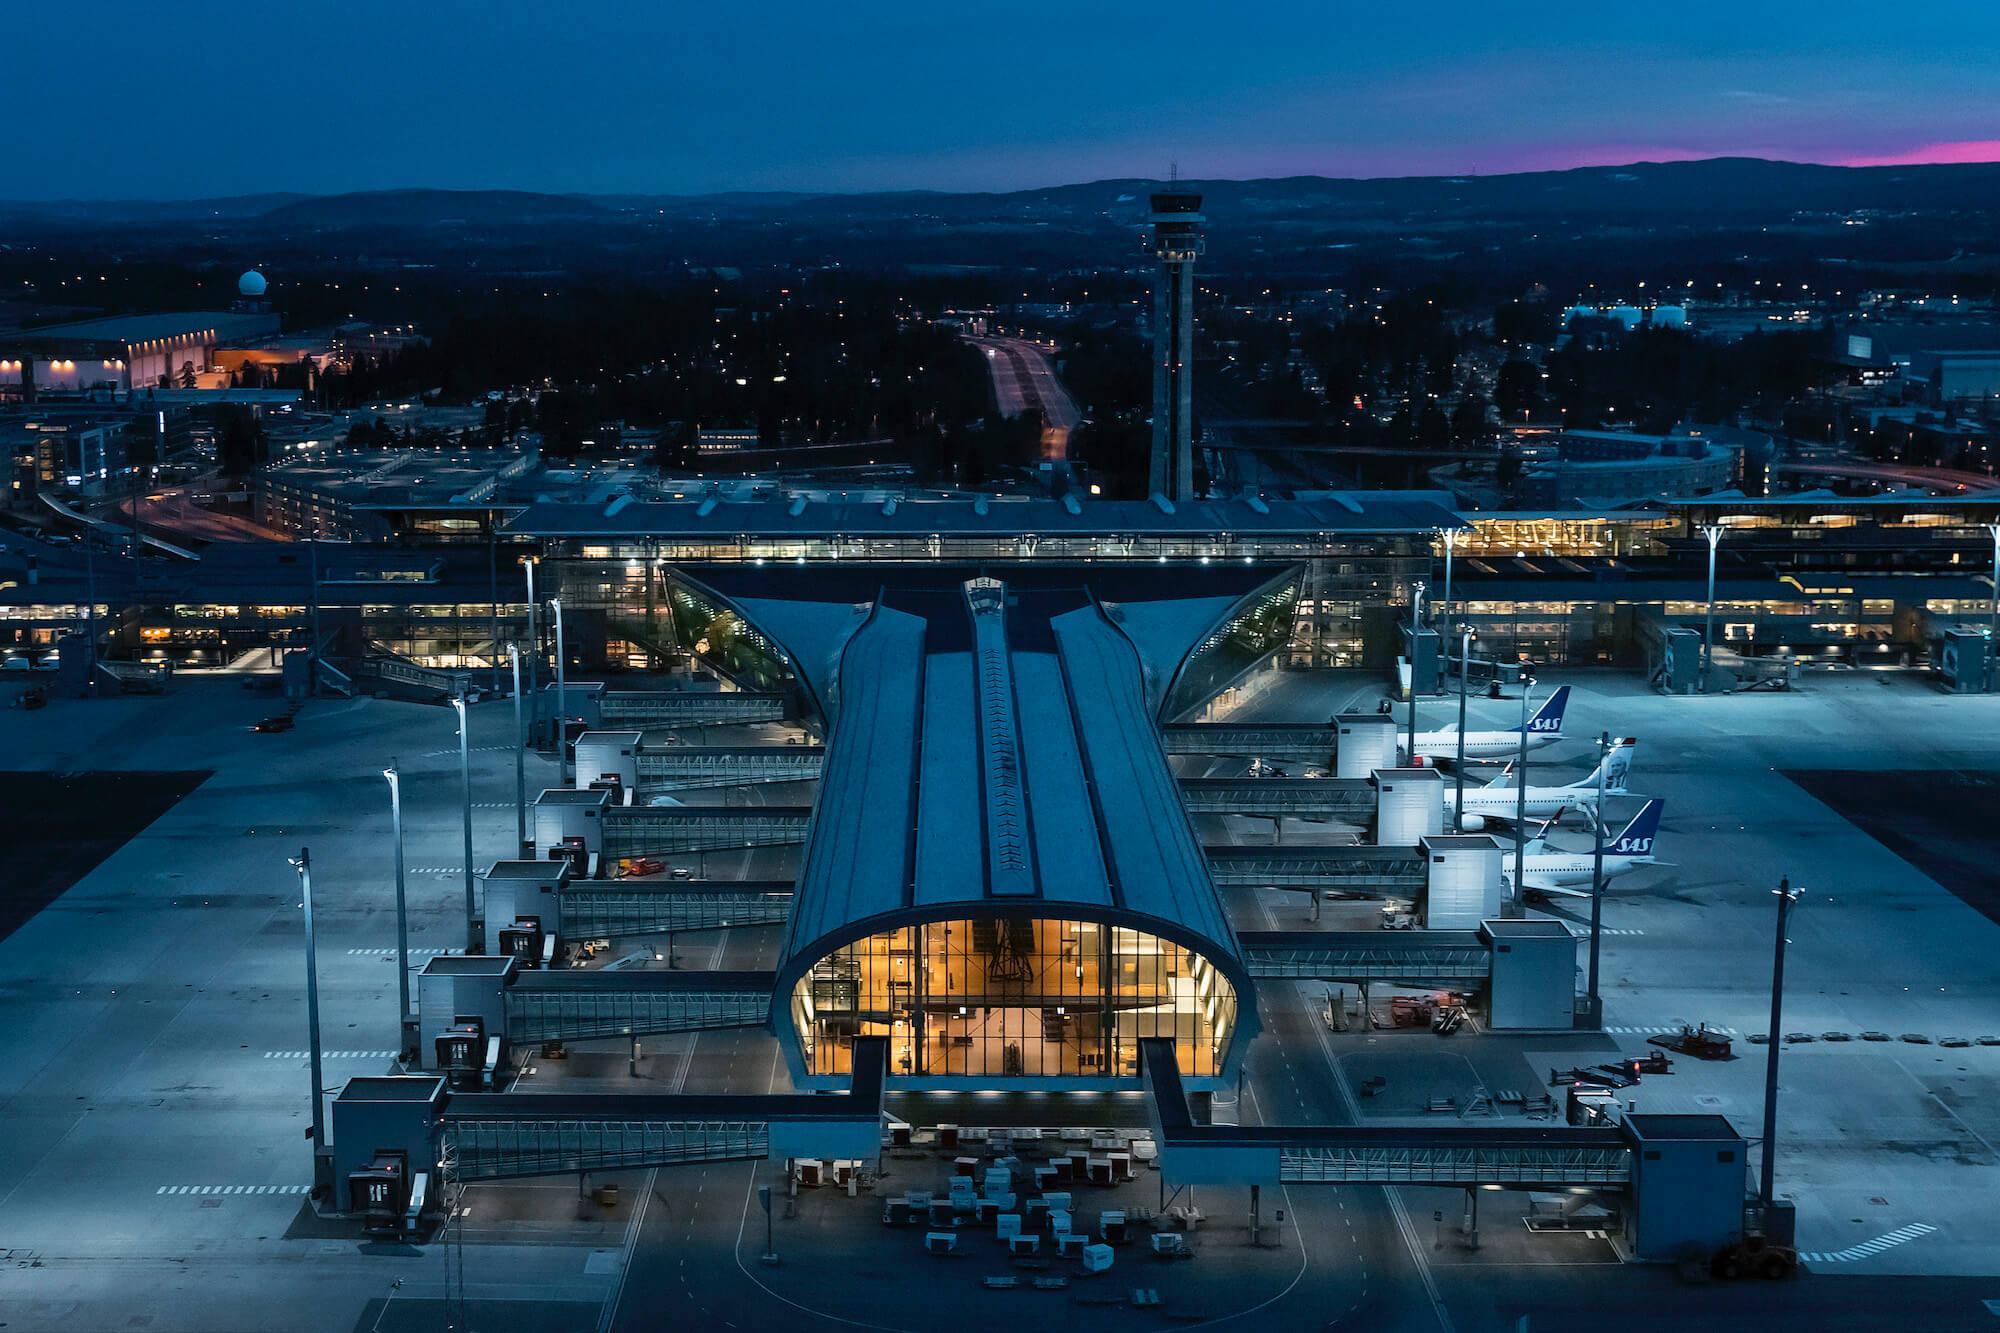 T2 Avinor Oslo Lufthavn